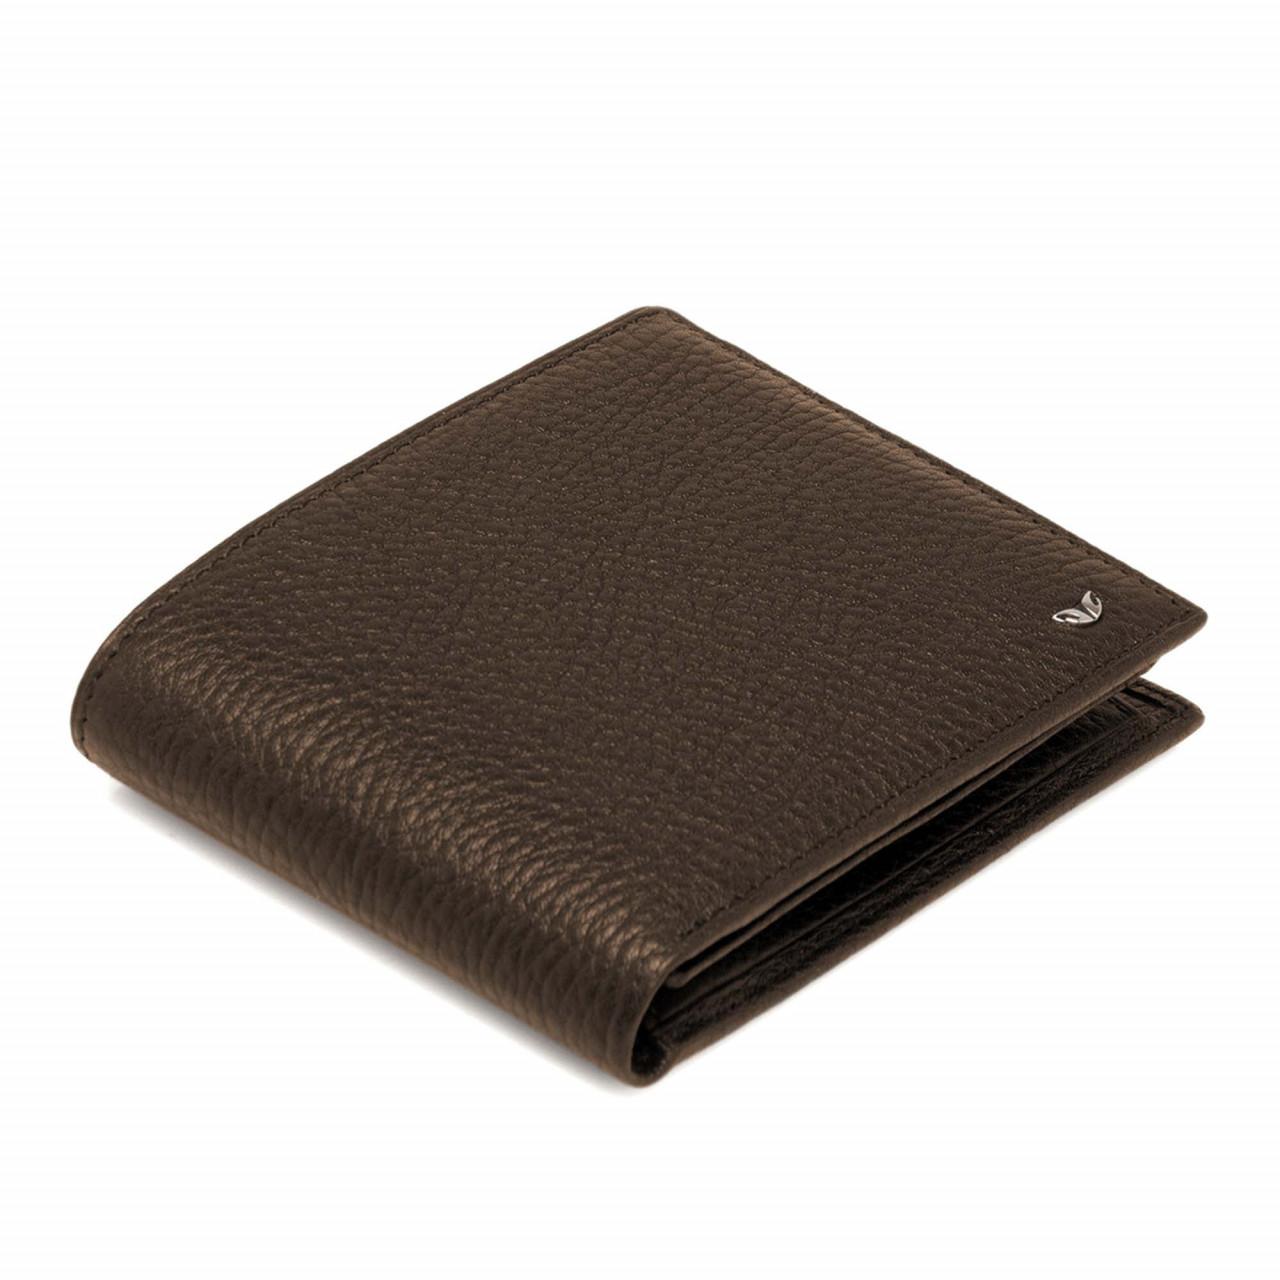 Стандартен мъжки портфейл в кафяво